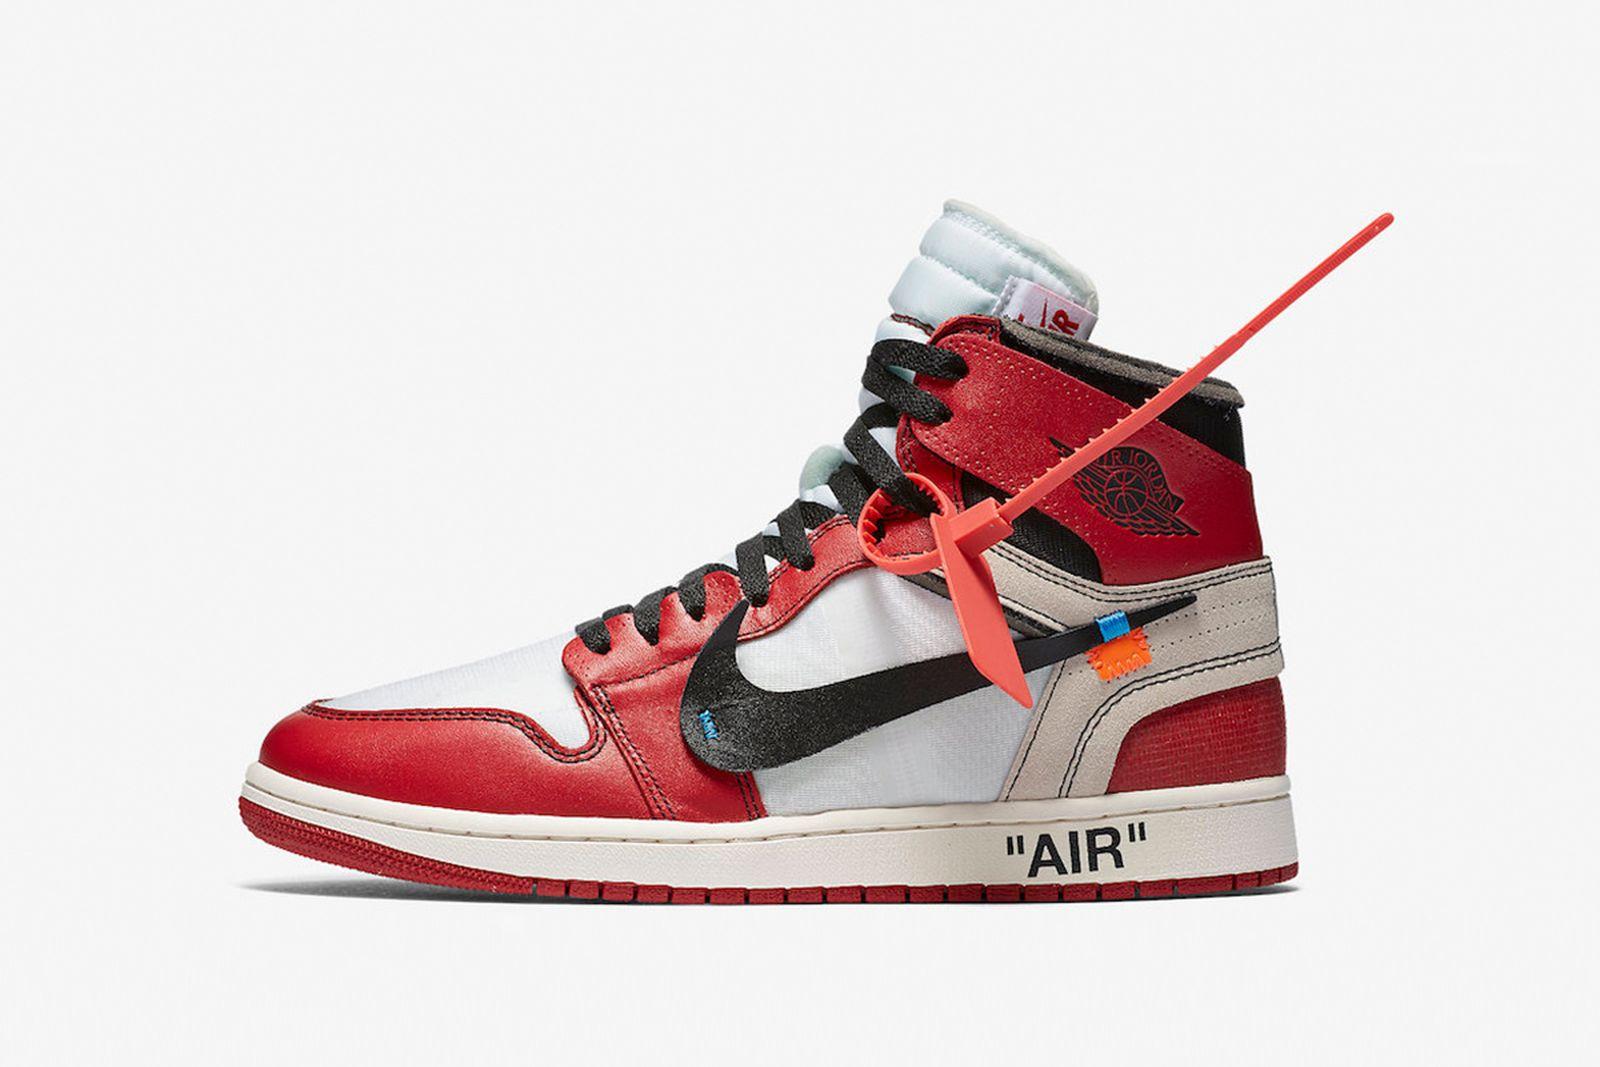 jordan 1 GOAT Nike The Ten OFF-WHITE c/o Virgil Abloh